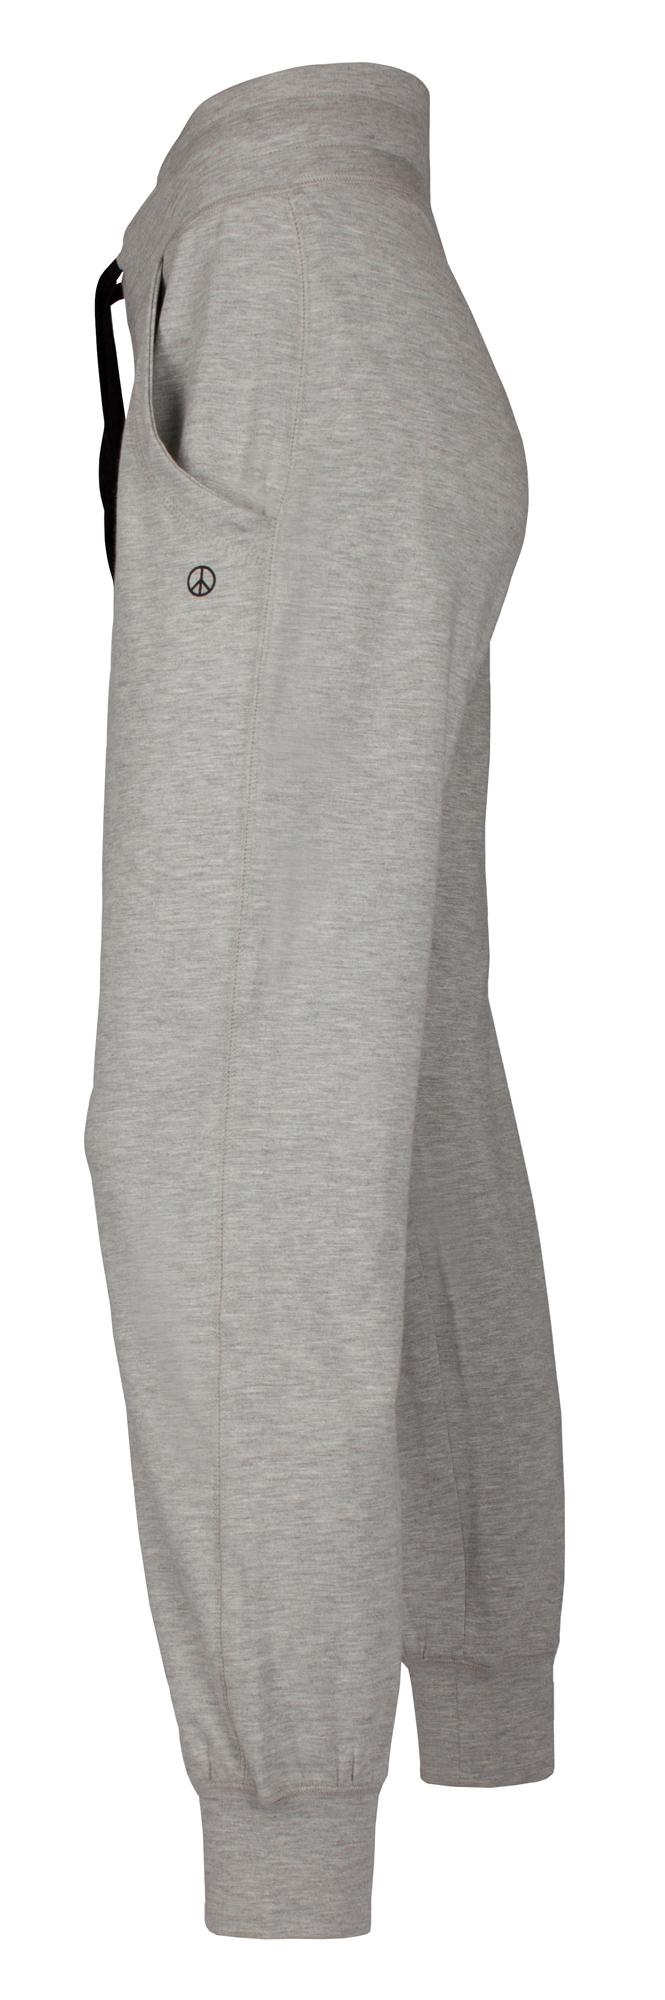 Lounge-Pant, grey melange